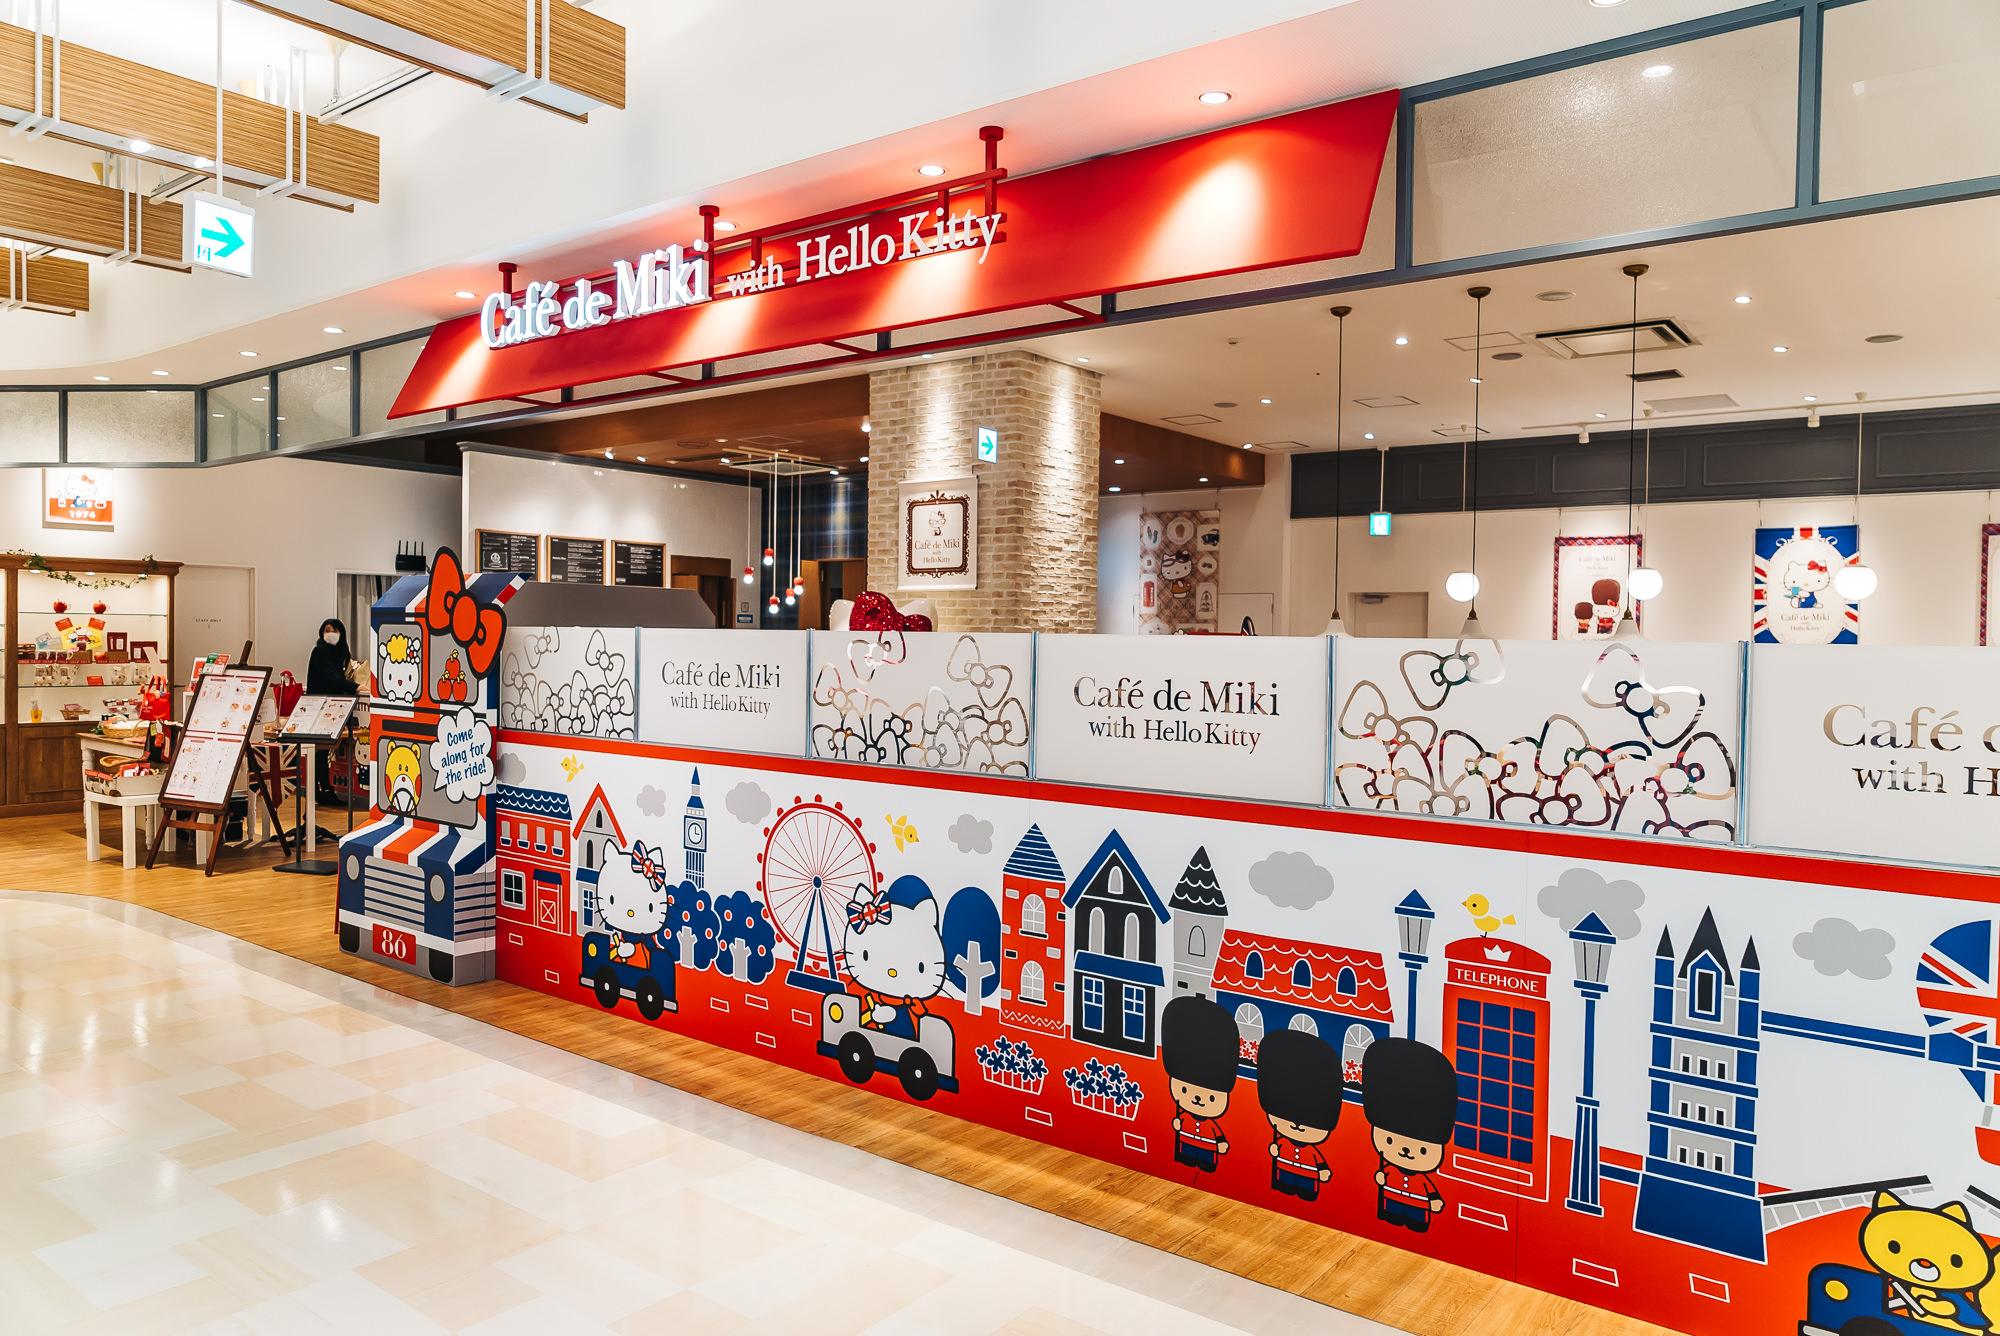 Cafe de Miki entrance